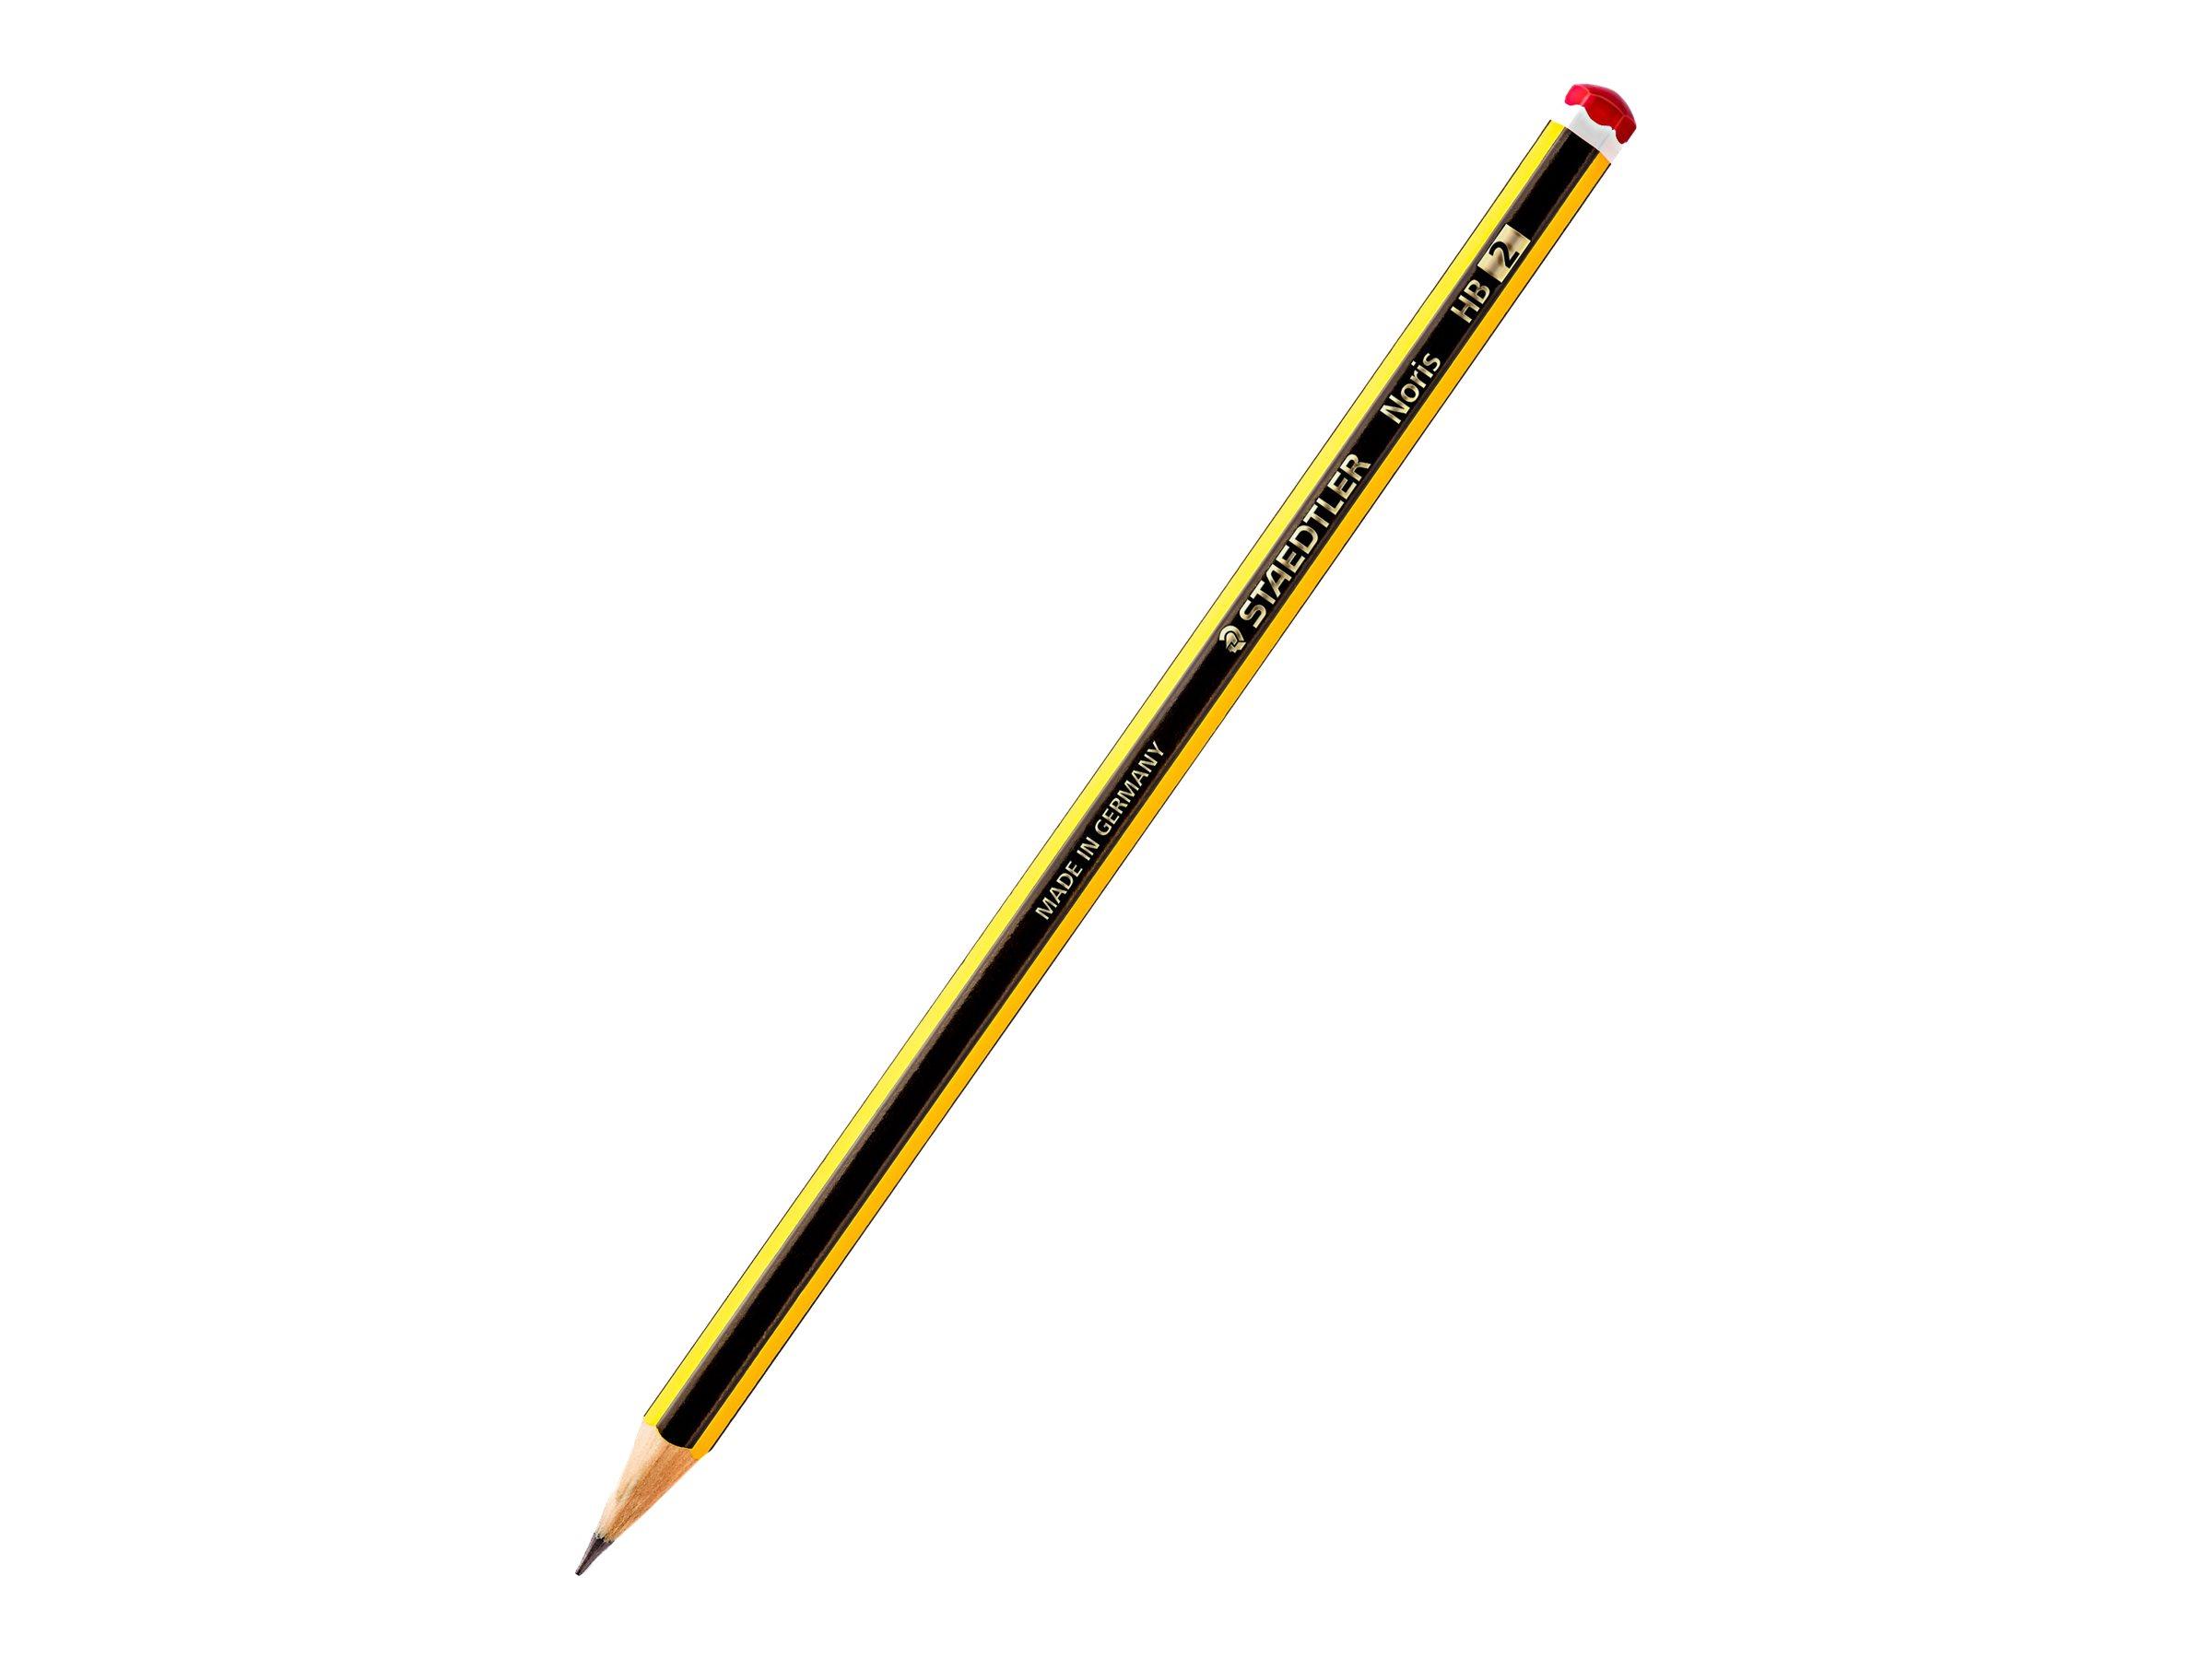 STAEDTLER Noris - Crayon à papier - HB - 2 mm